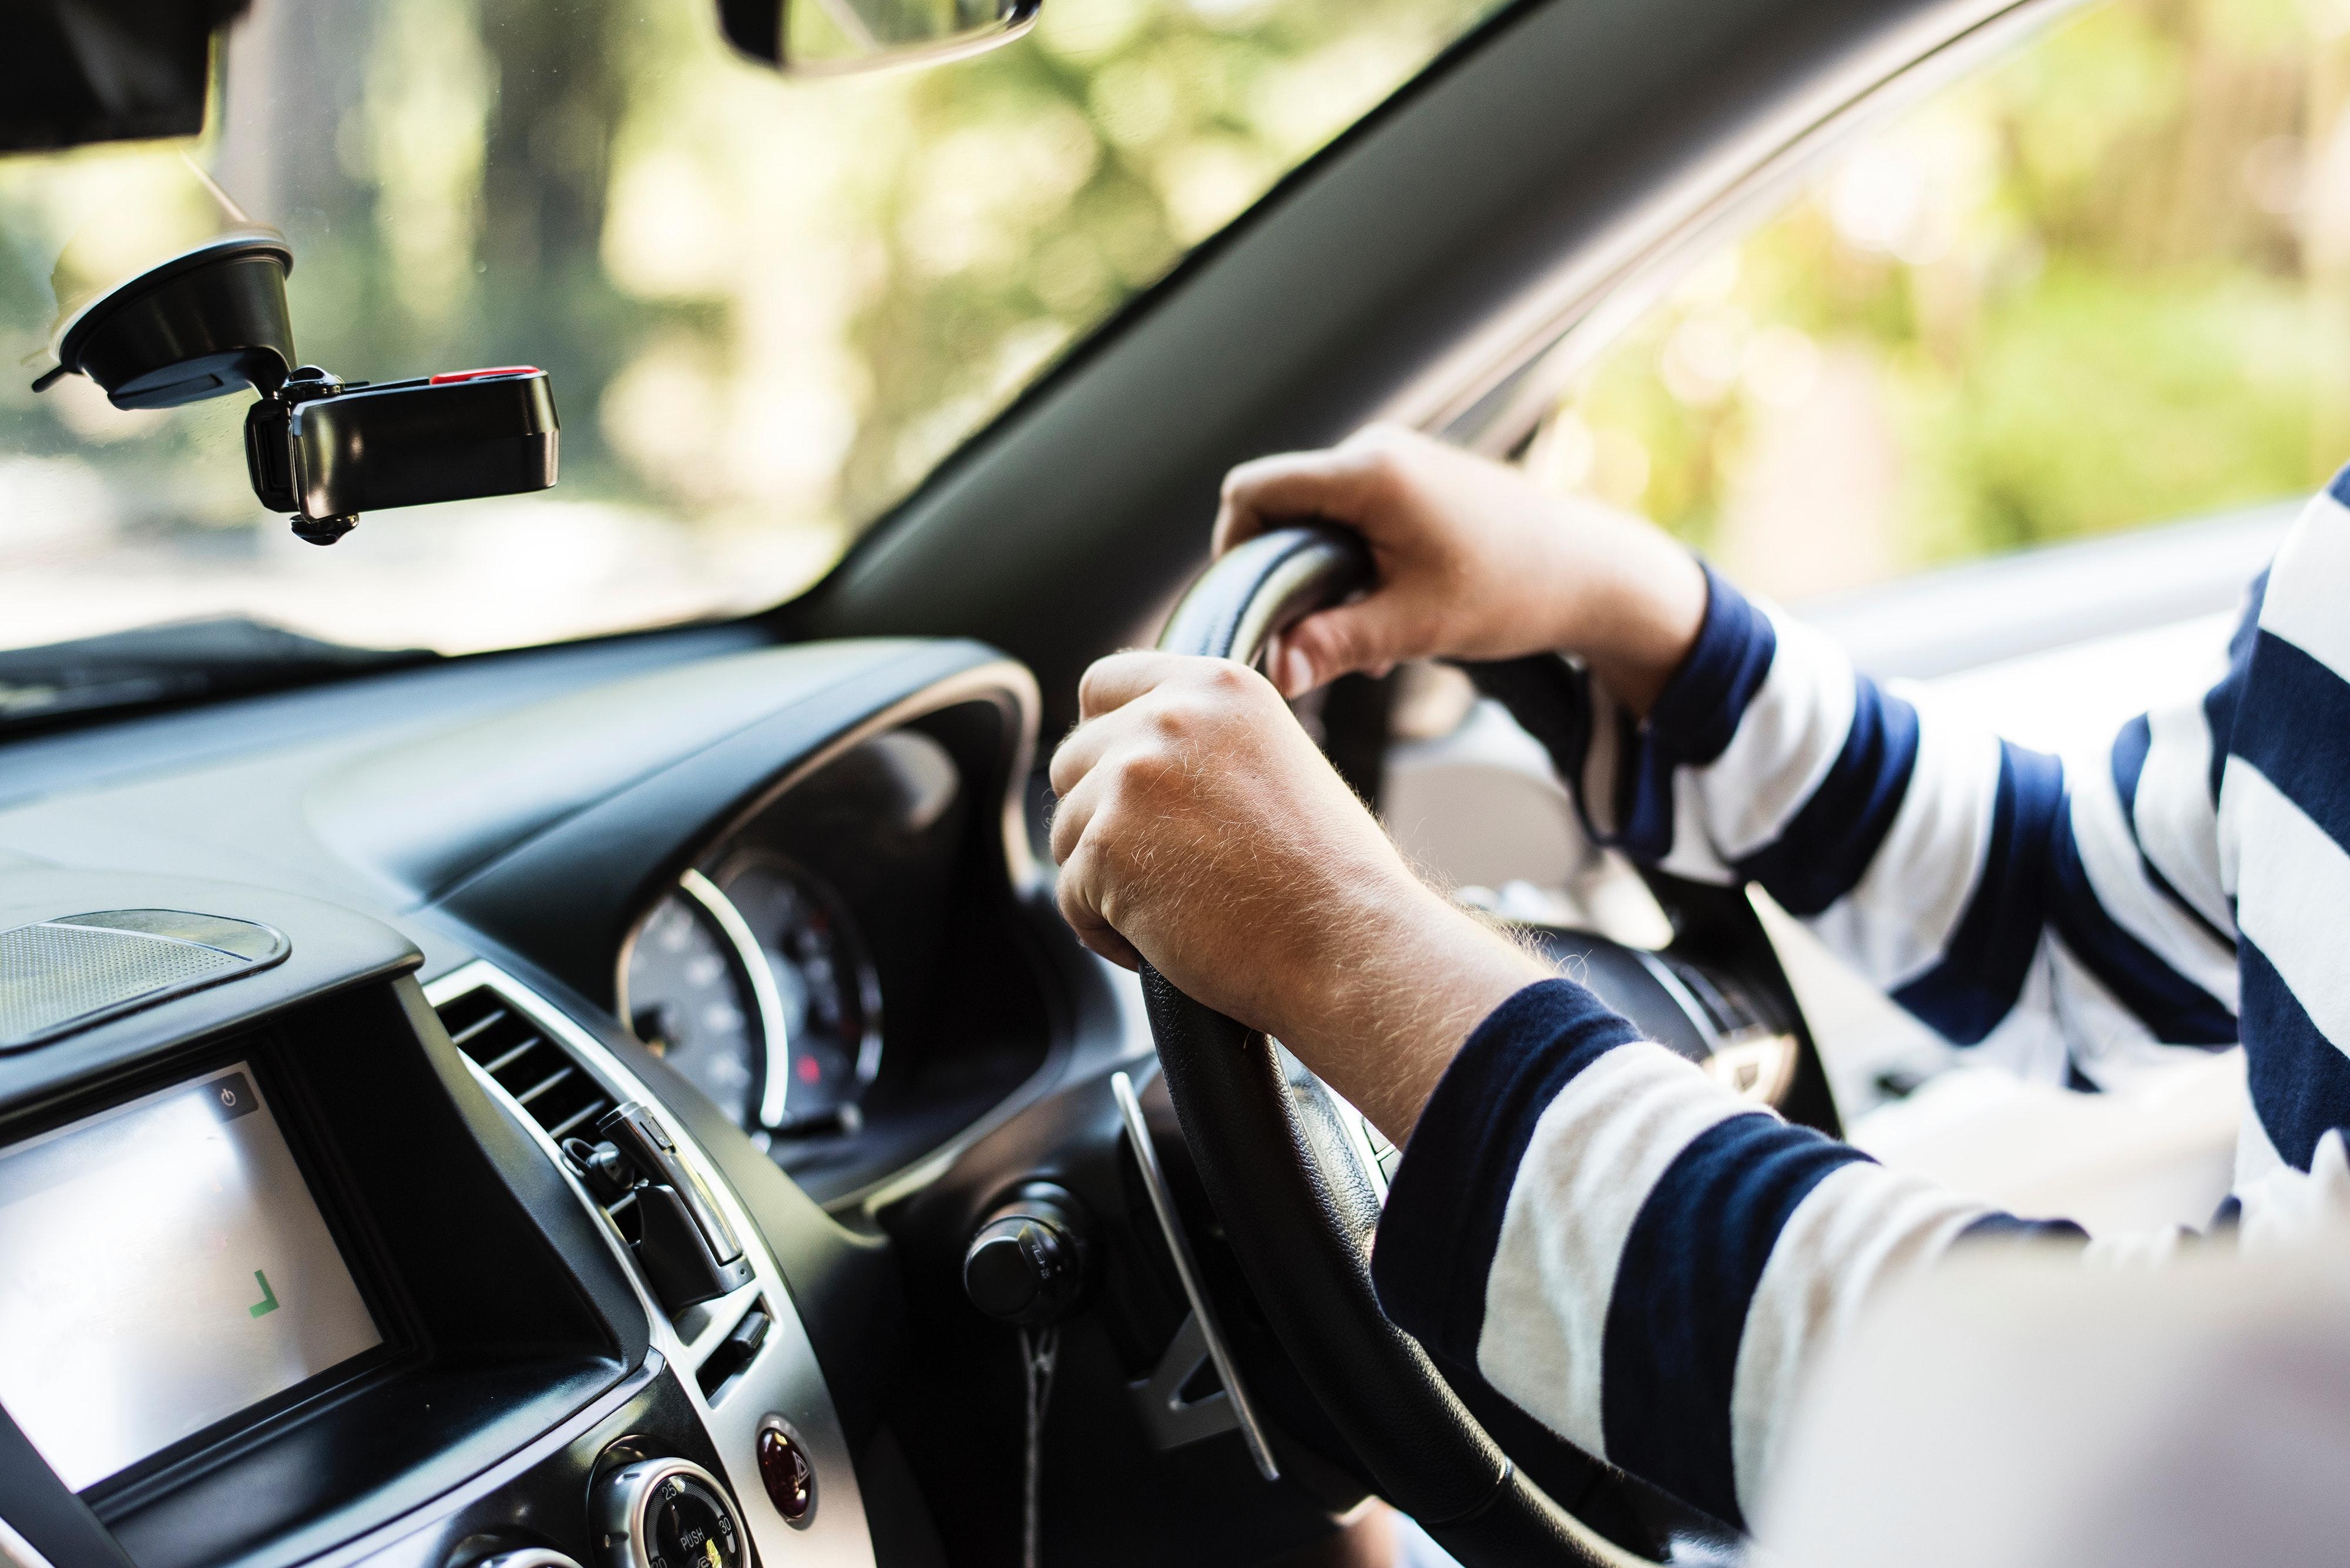 【超簡単!】アメリカ運転免許証で日本でも使える国際免許を取る方法